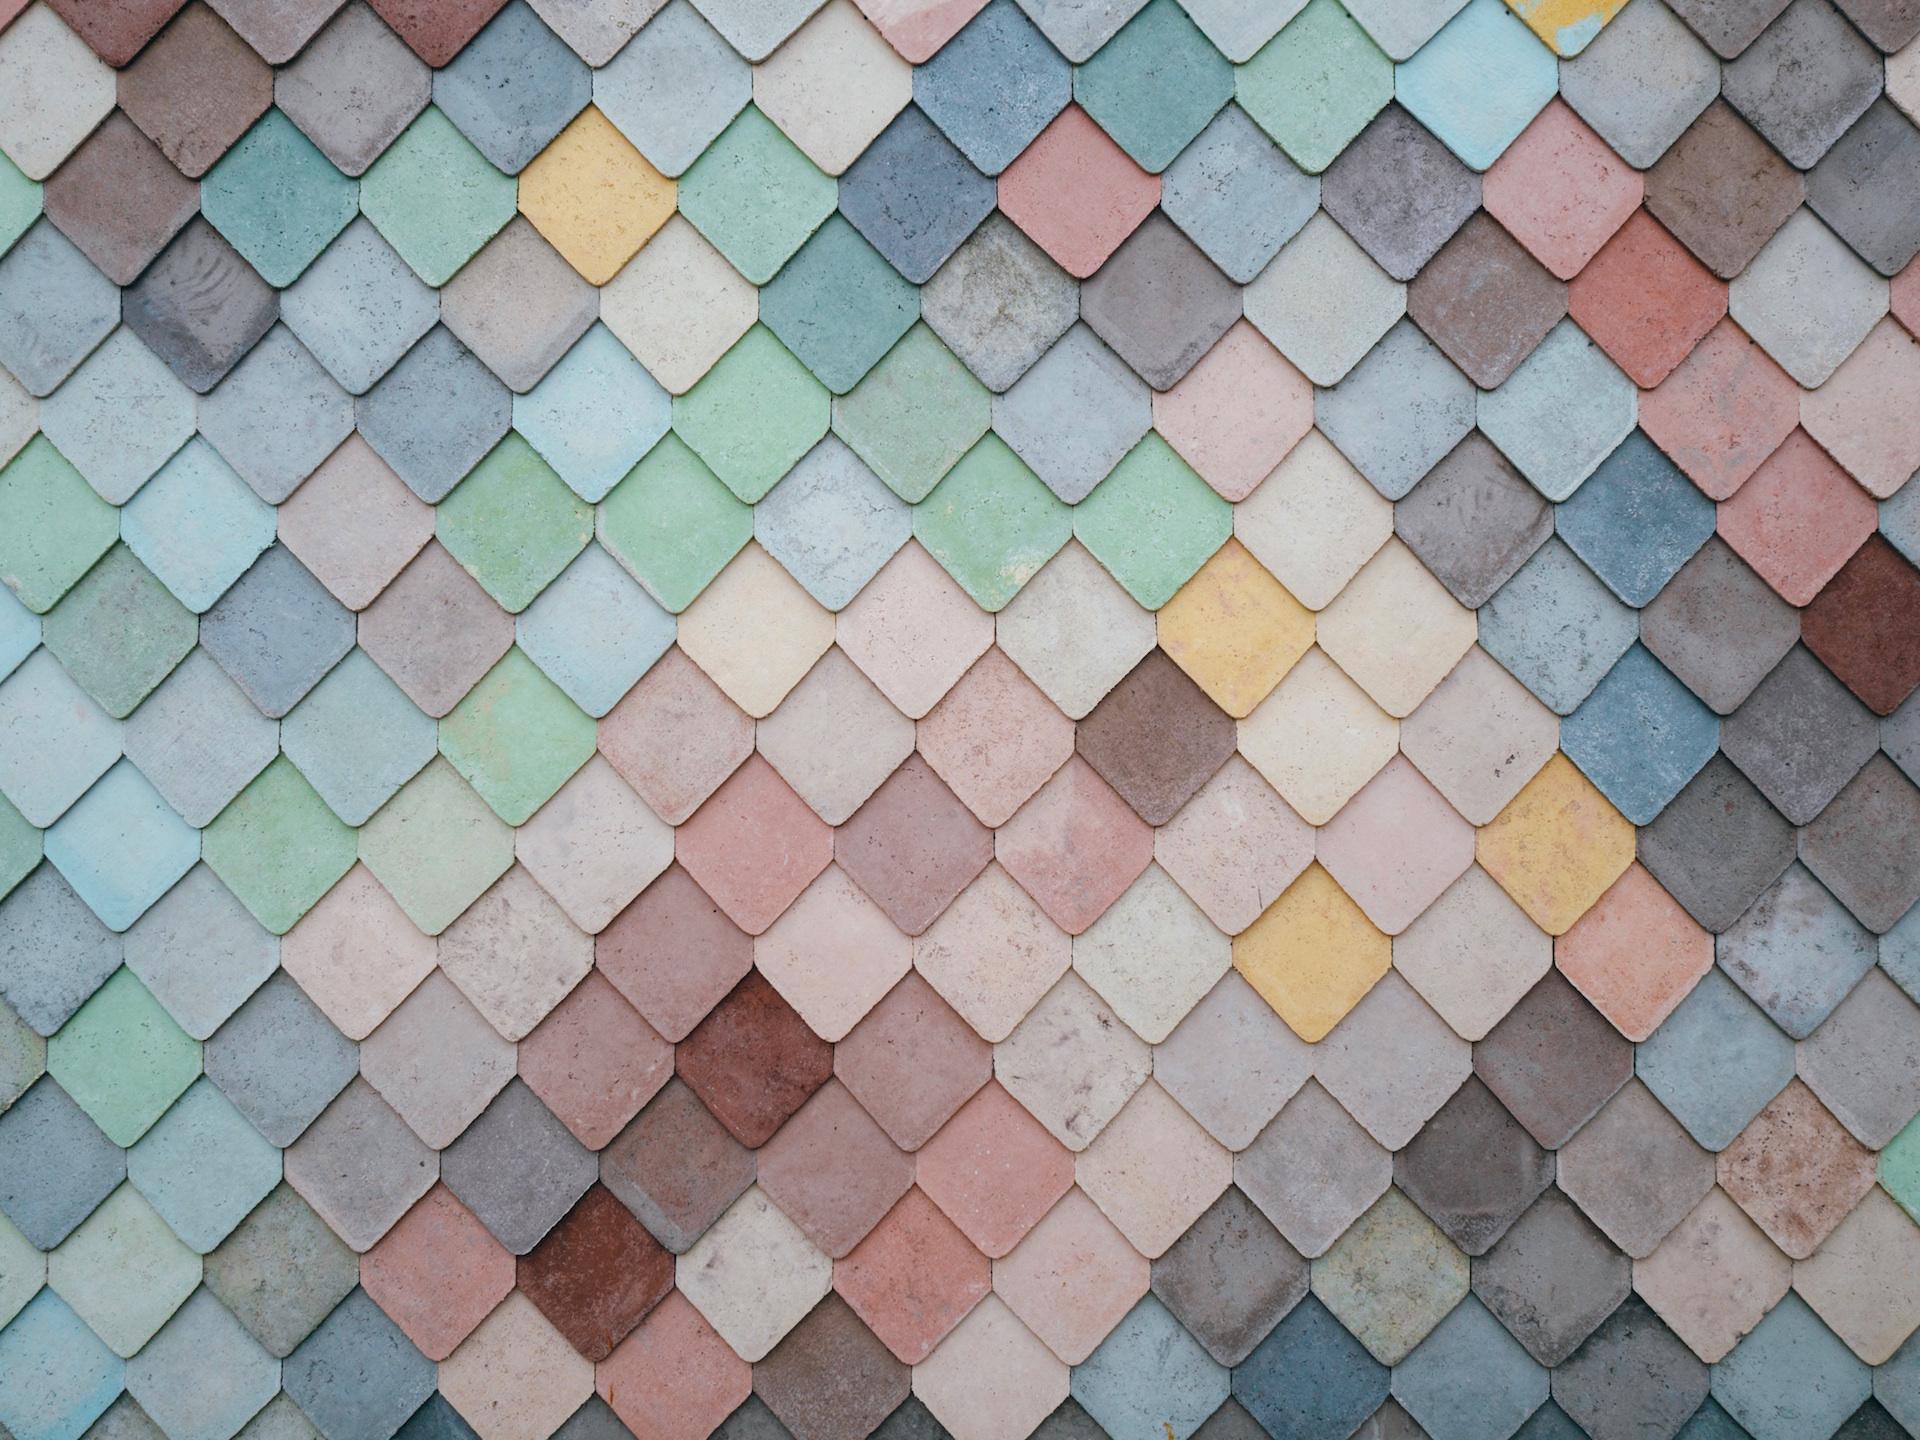 Parete, tetto, Texas, mattonelle, lastre, colori - Sfondi HD - Professor-falken.com